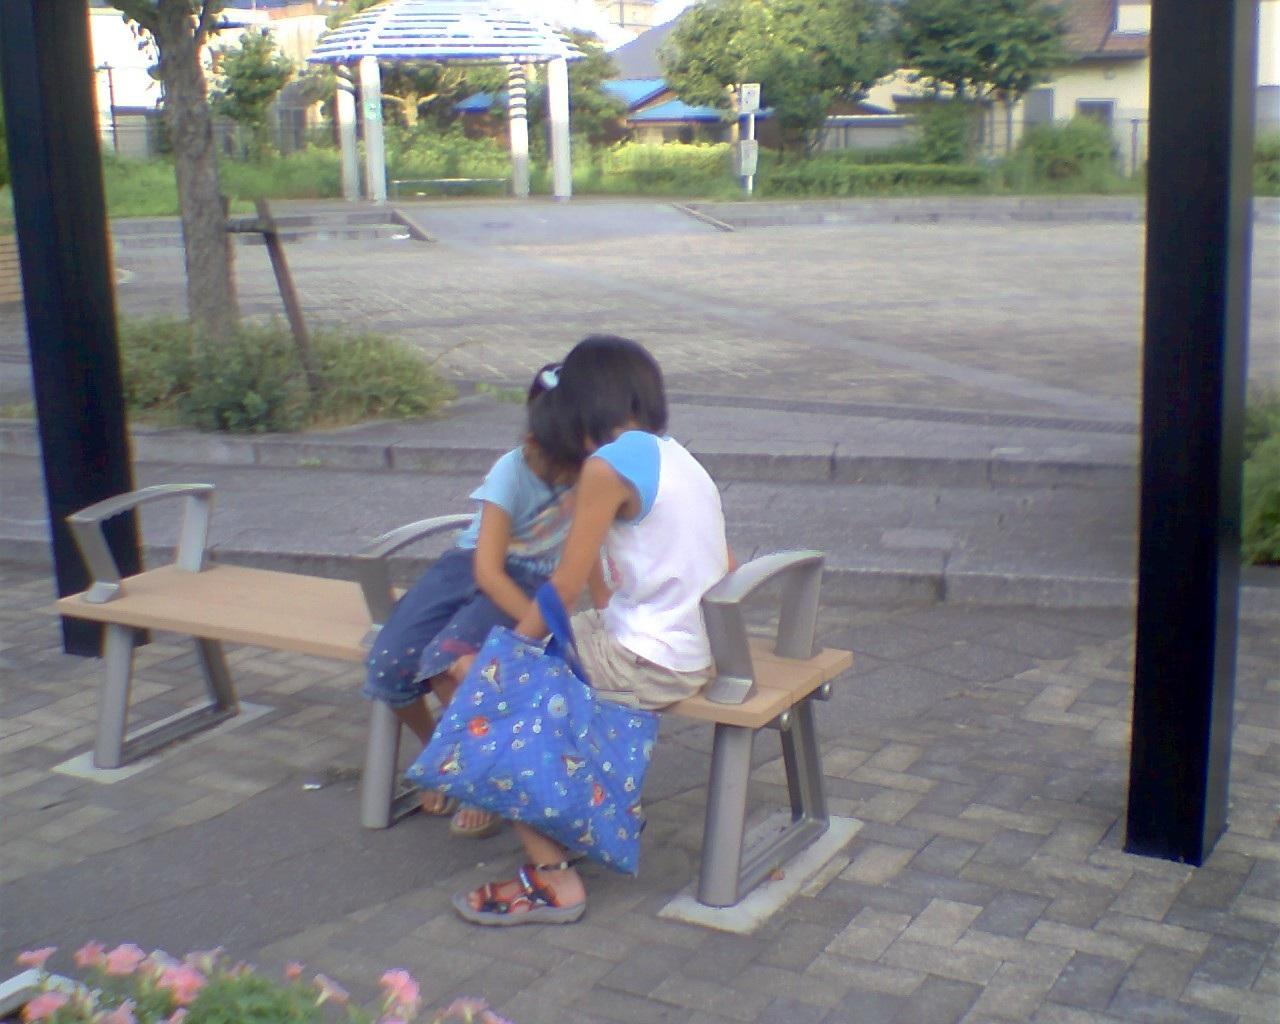 小学生の帰りの道のようにあり。 市街のバス停にふたりの少女|少女|福岡県|紀行道中写真館 Cop